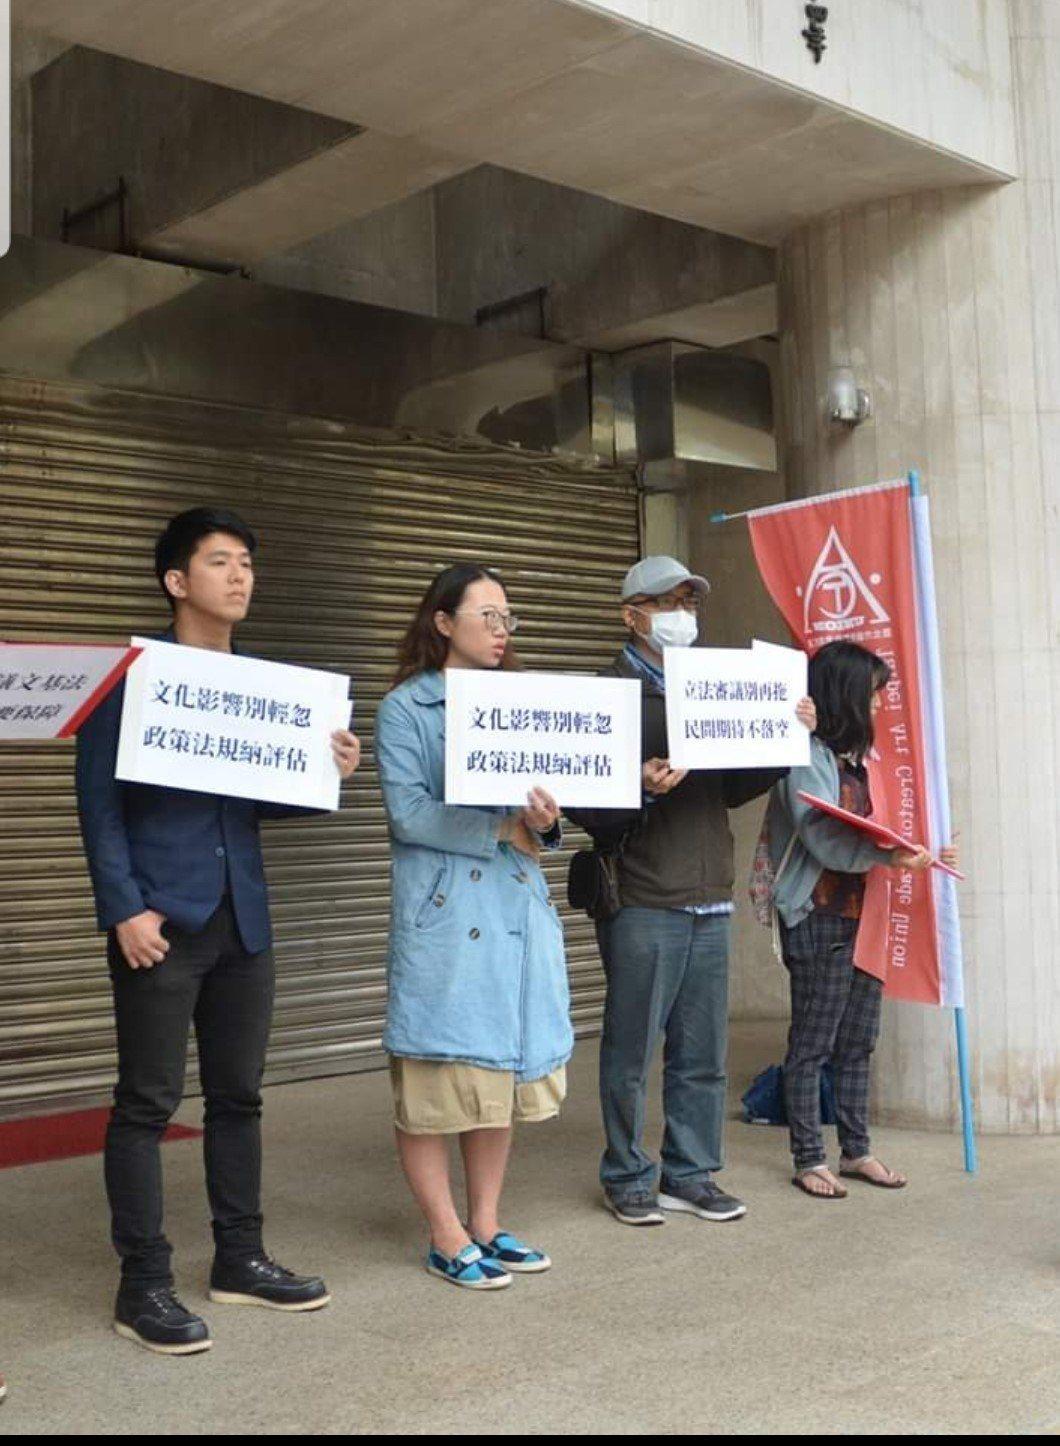 台北市藝術創作者職業工會針對文化基本法提出呼籲。圖片取台北市藝創工會臉書